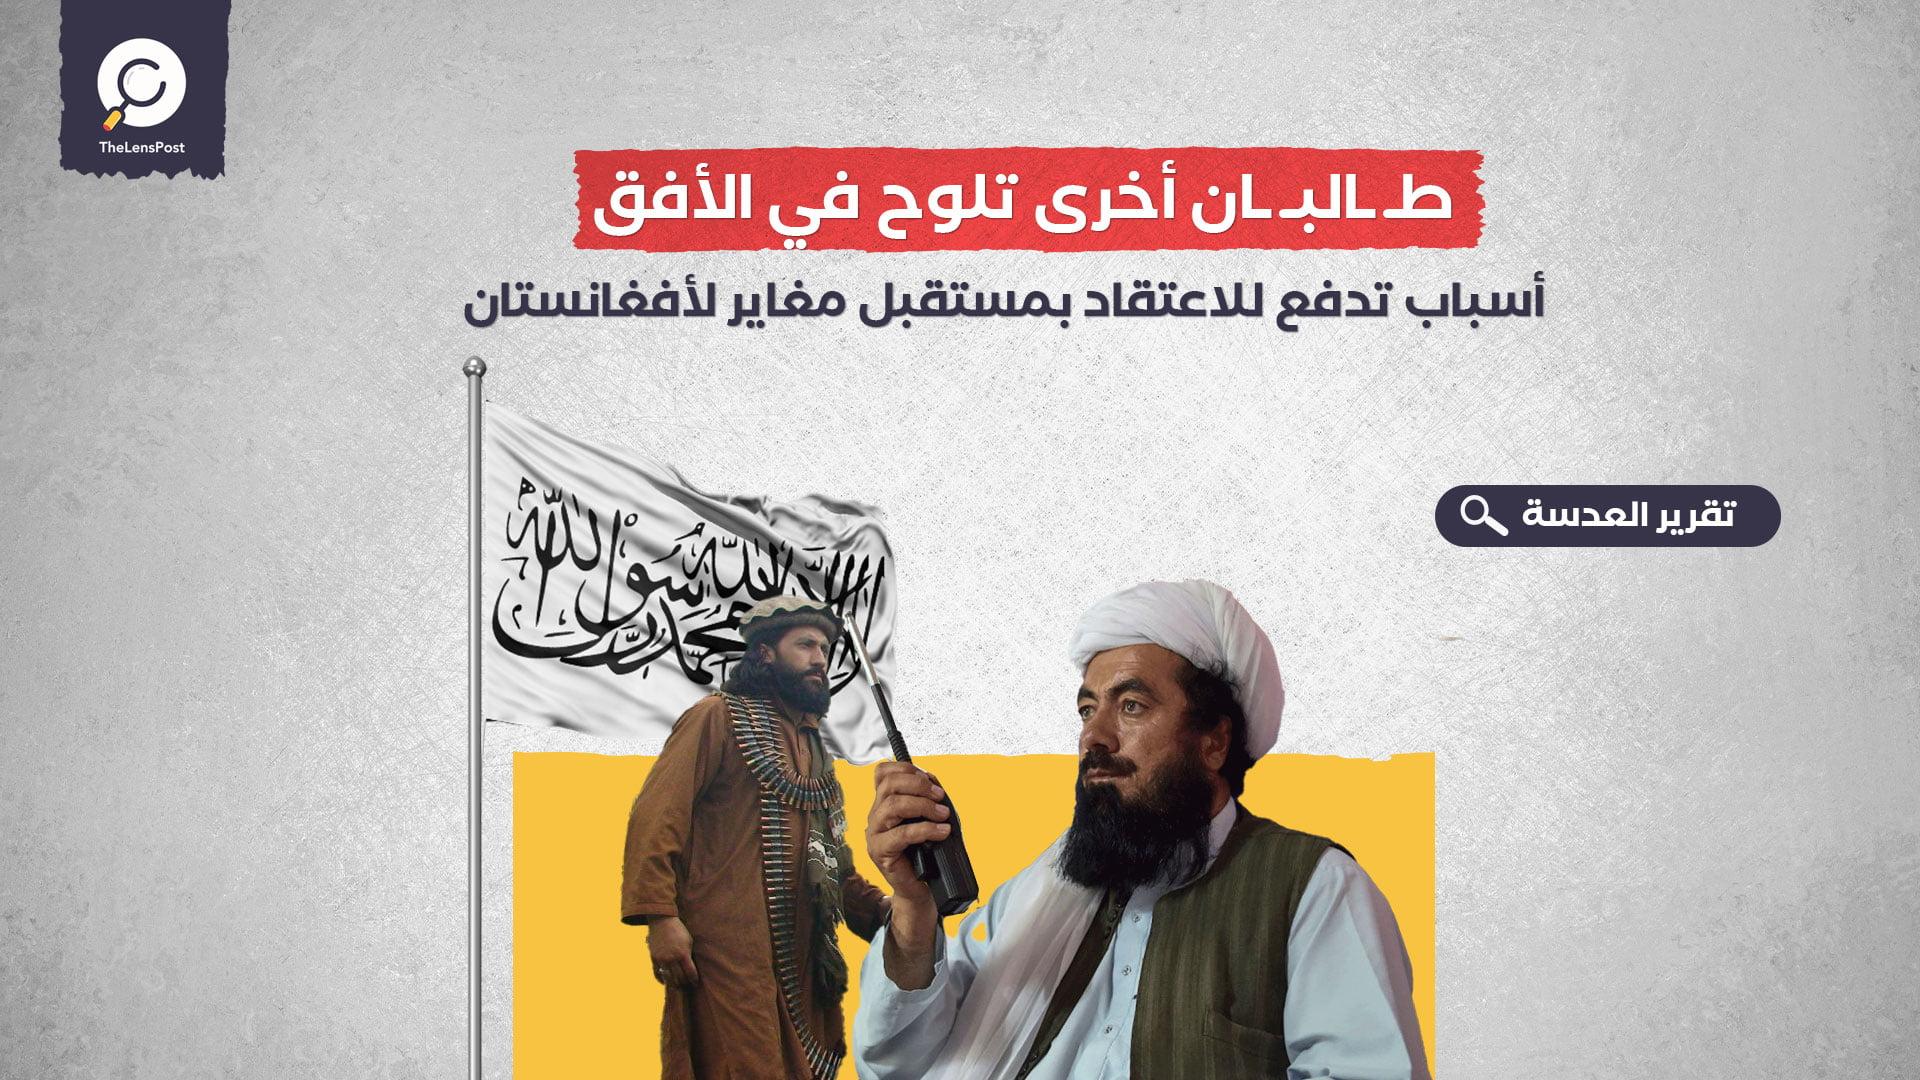 طالبان أخرى تلوح في الأفق.. أسباب تدفع للاعتقاد بمستقبل مغاير لأفغانستان